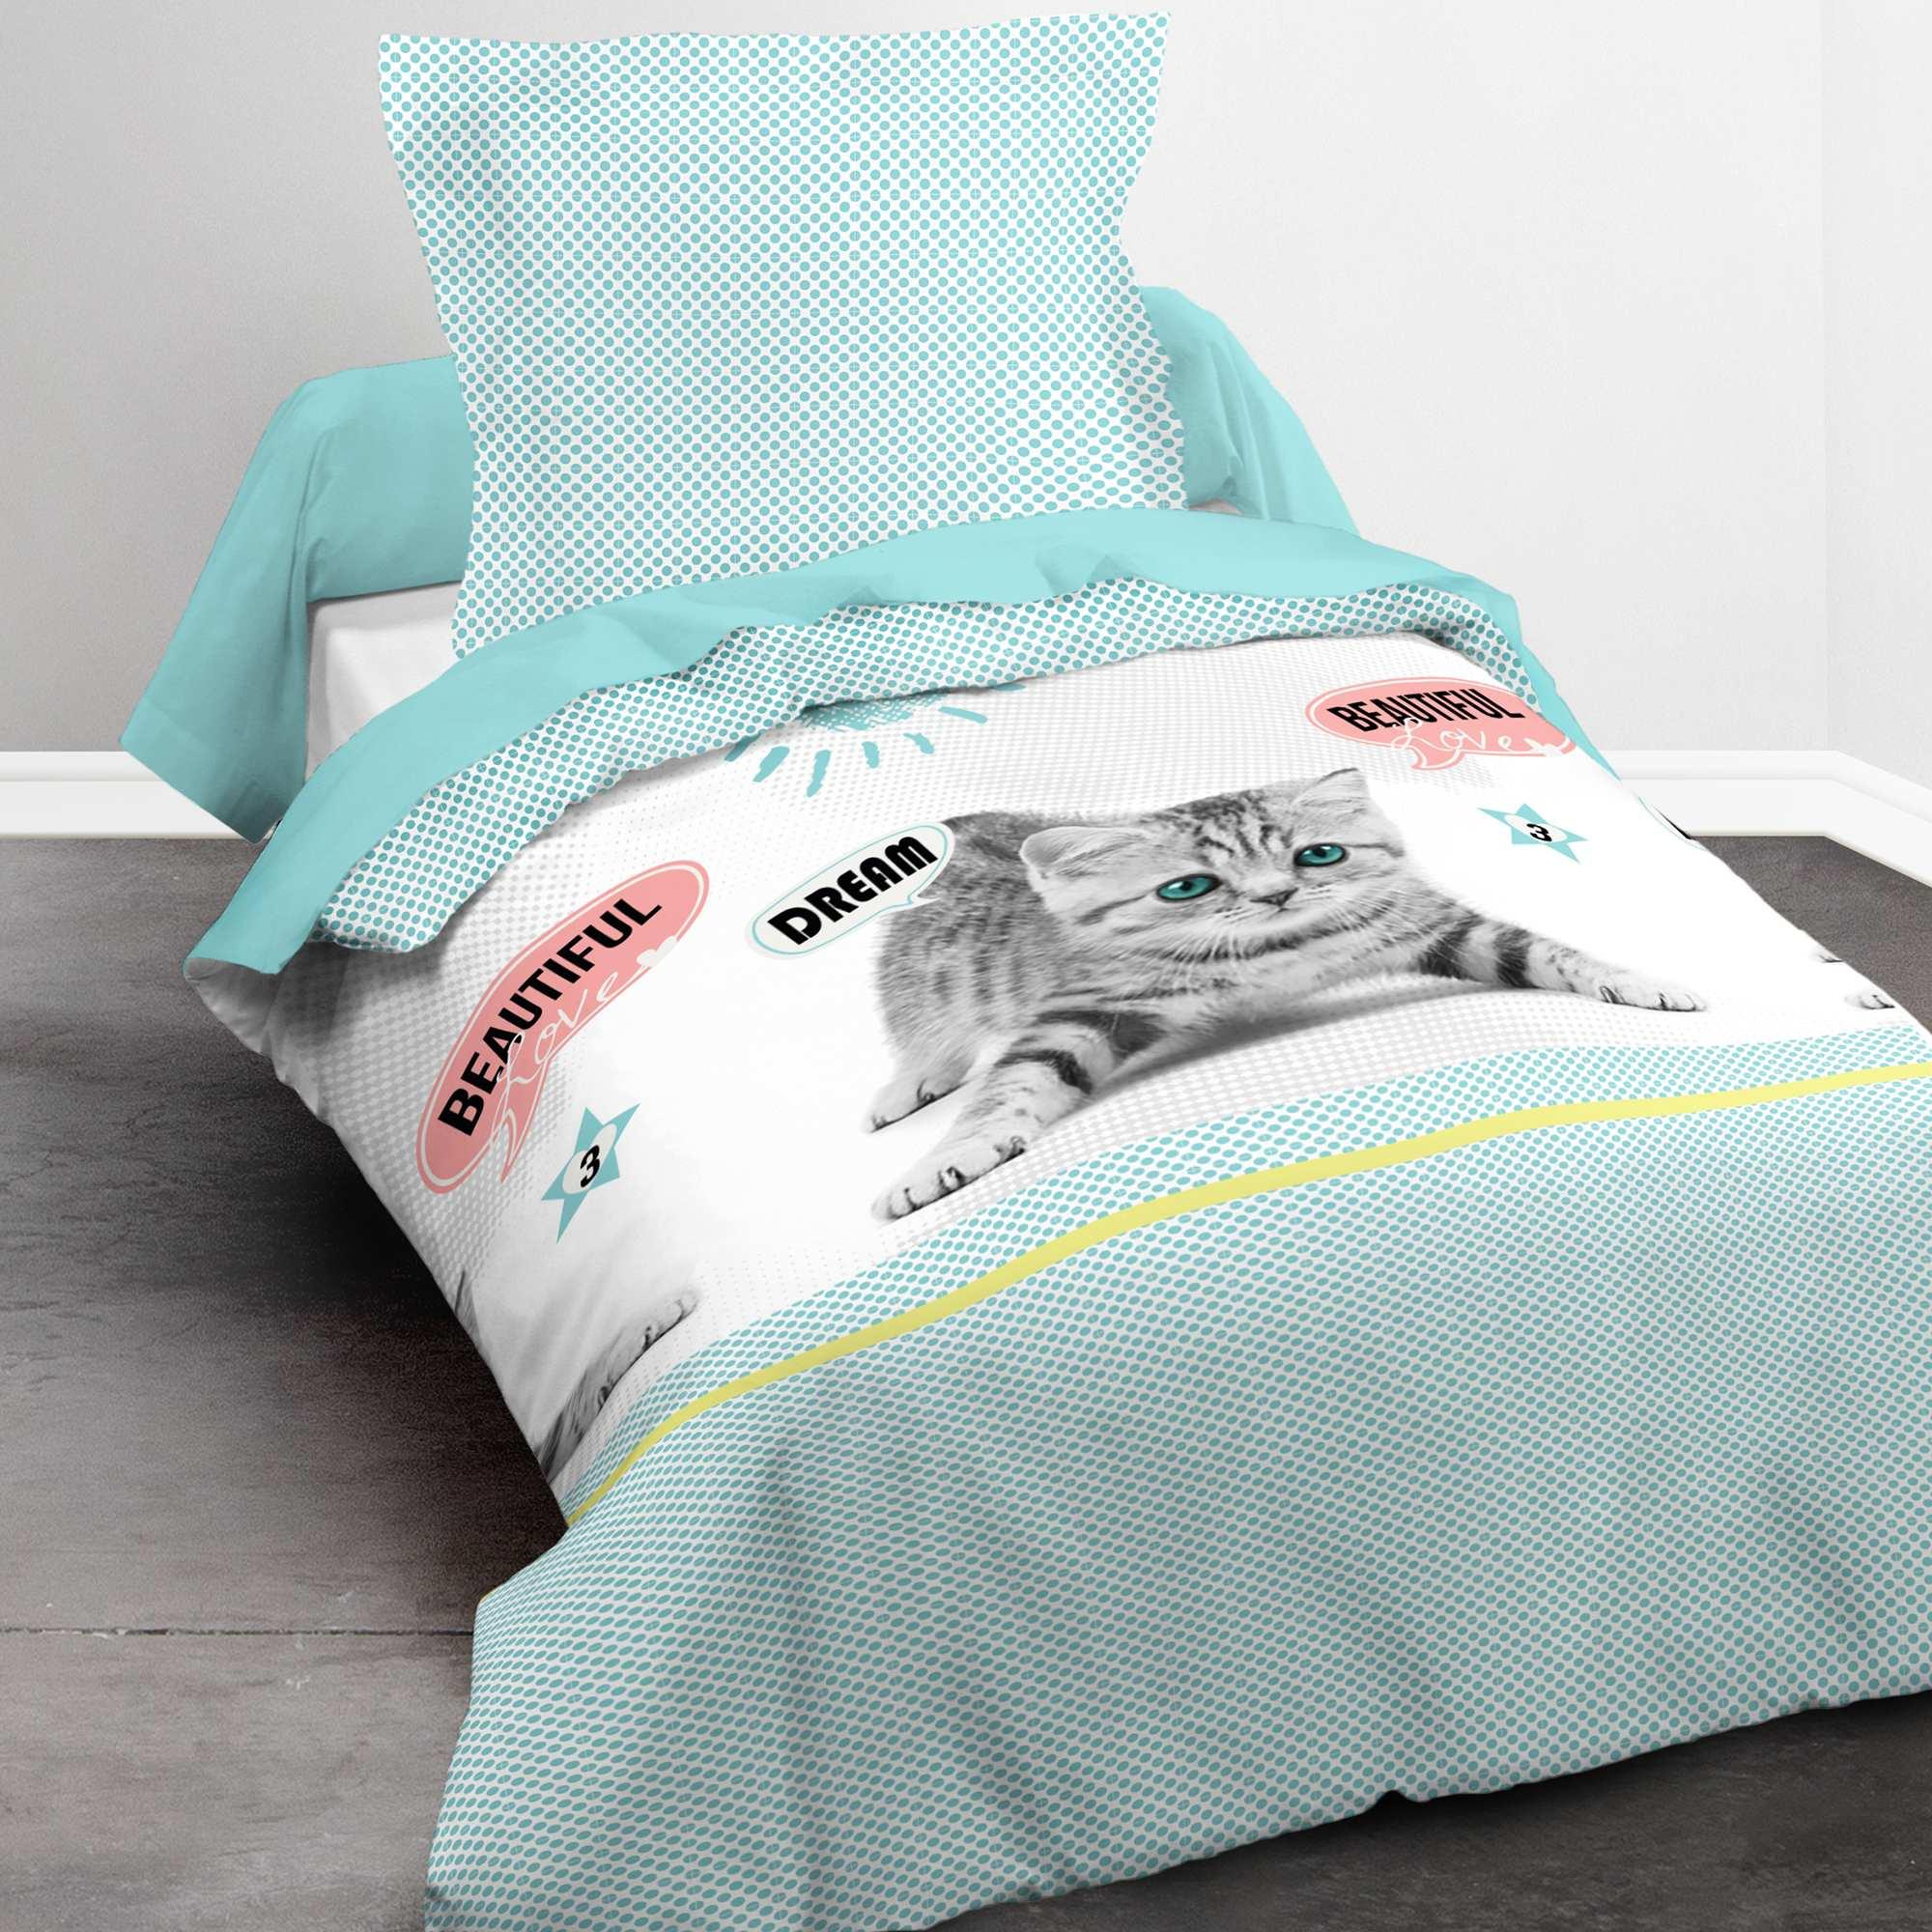 Couleur : bleu, , ,, - Taille : 140x200, , ,,Cette parure de lit imprimé chaton apportera une touche de douceur dans sa chambre. -